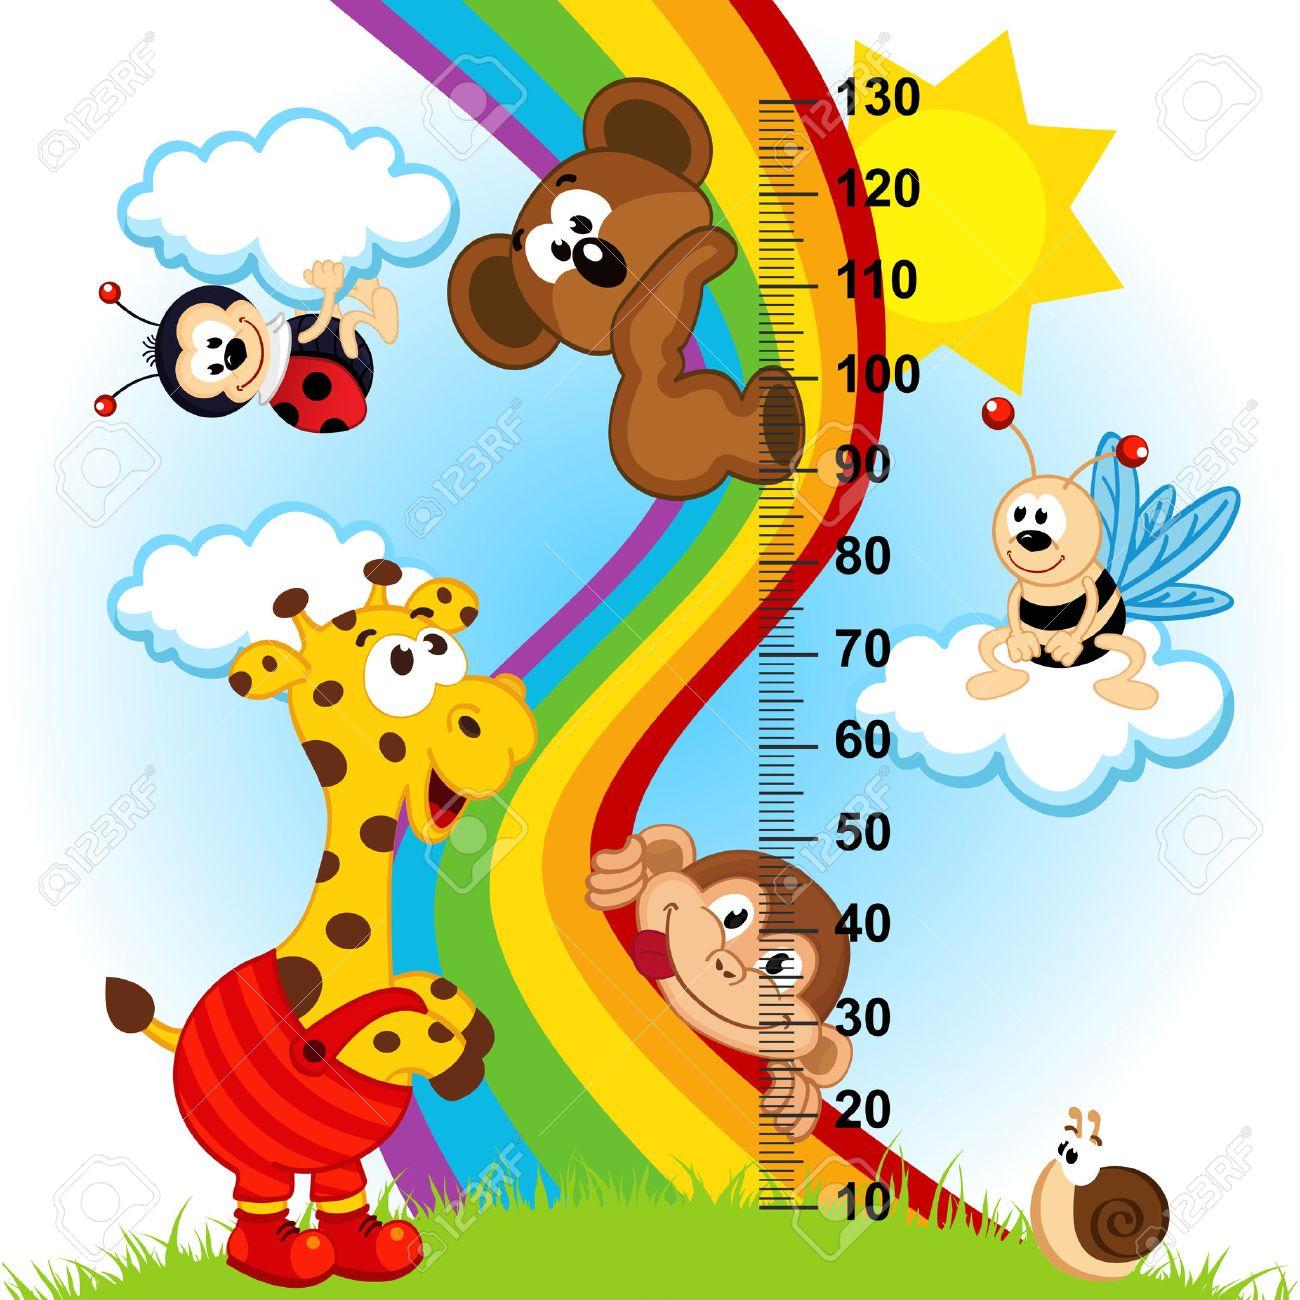 Baby Höhe Maßnahme im ursprünglichen Proportionen 1 bis 4 - Vektor-Illustration, eps Standard-Bild - 30558702